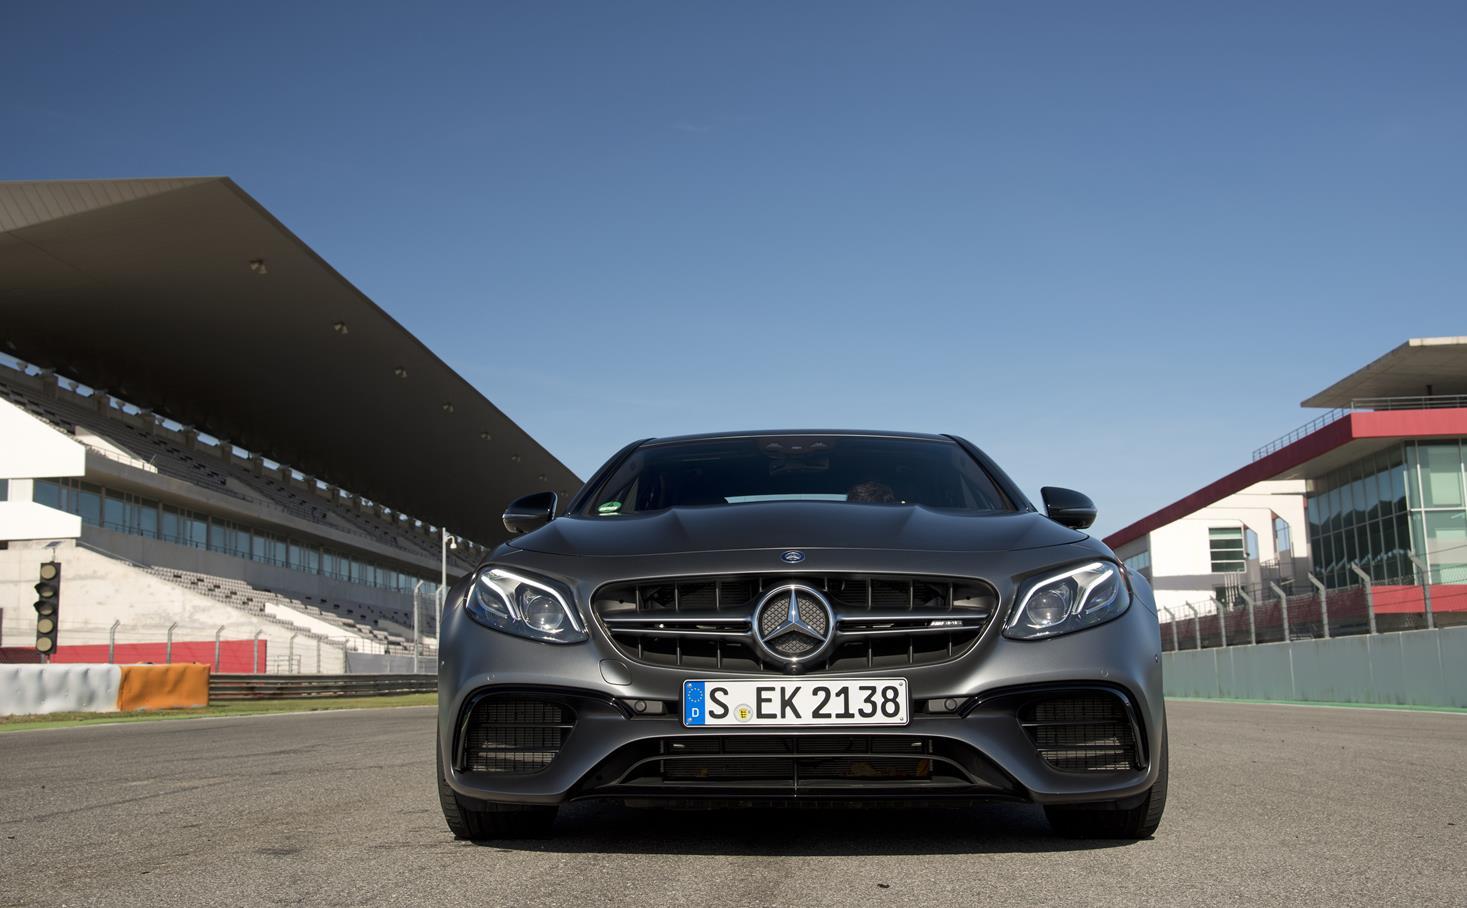 Mercedes-Benz E63 AMG photo 171940